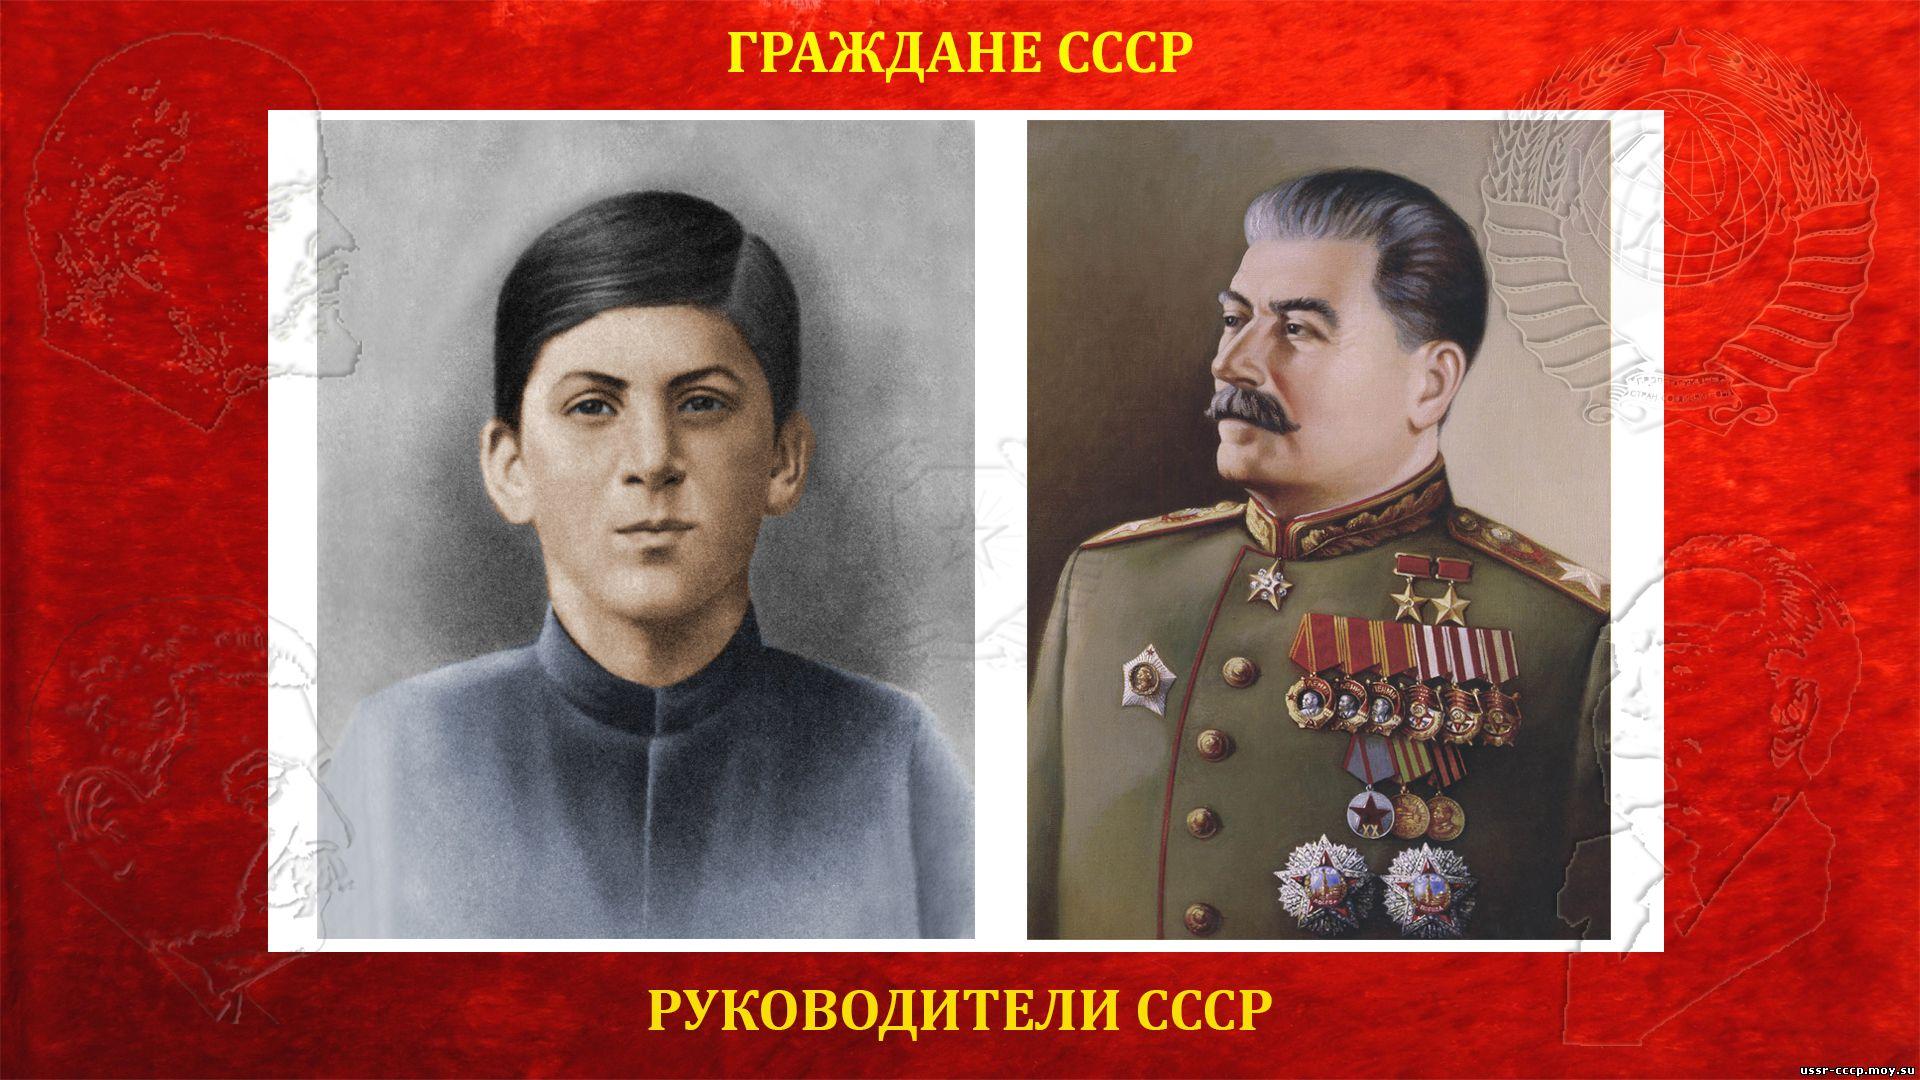 Сталин (Джугашвили) Иосиф Виссарионович - Вождь и руководитель СССР - Биография (21.12.1879 - 05.03.1953)